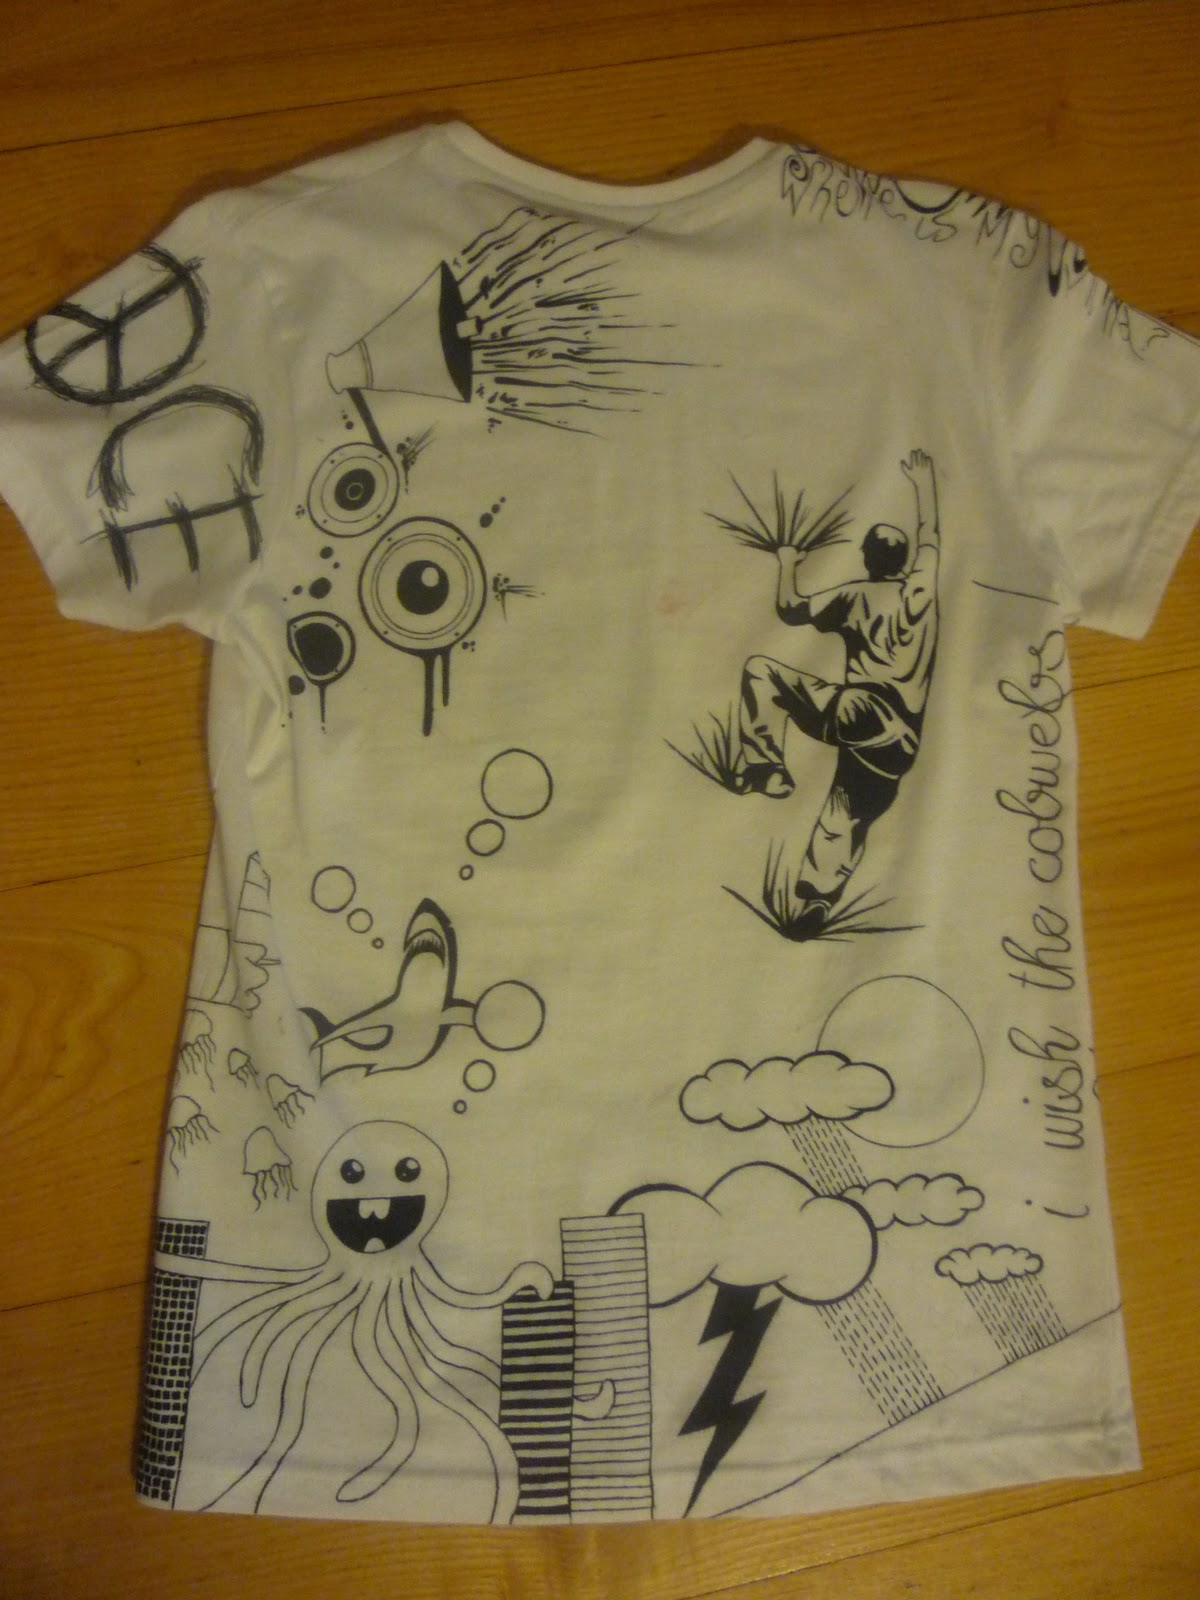 107 015 5889 T Shirt Design